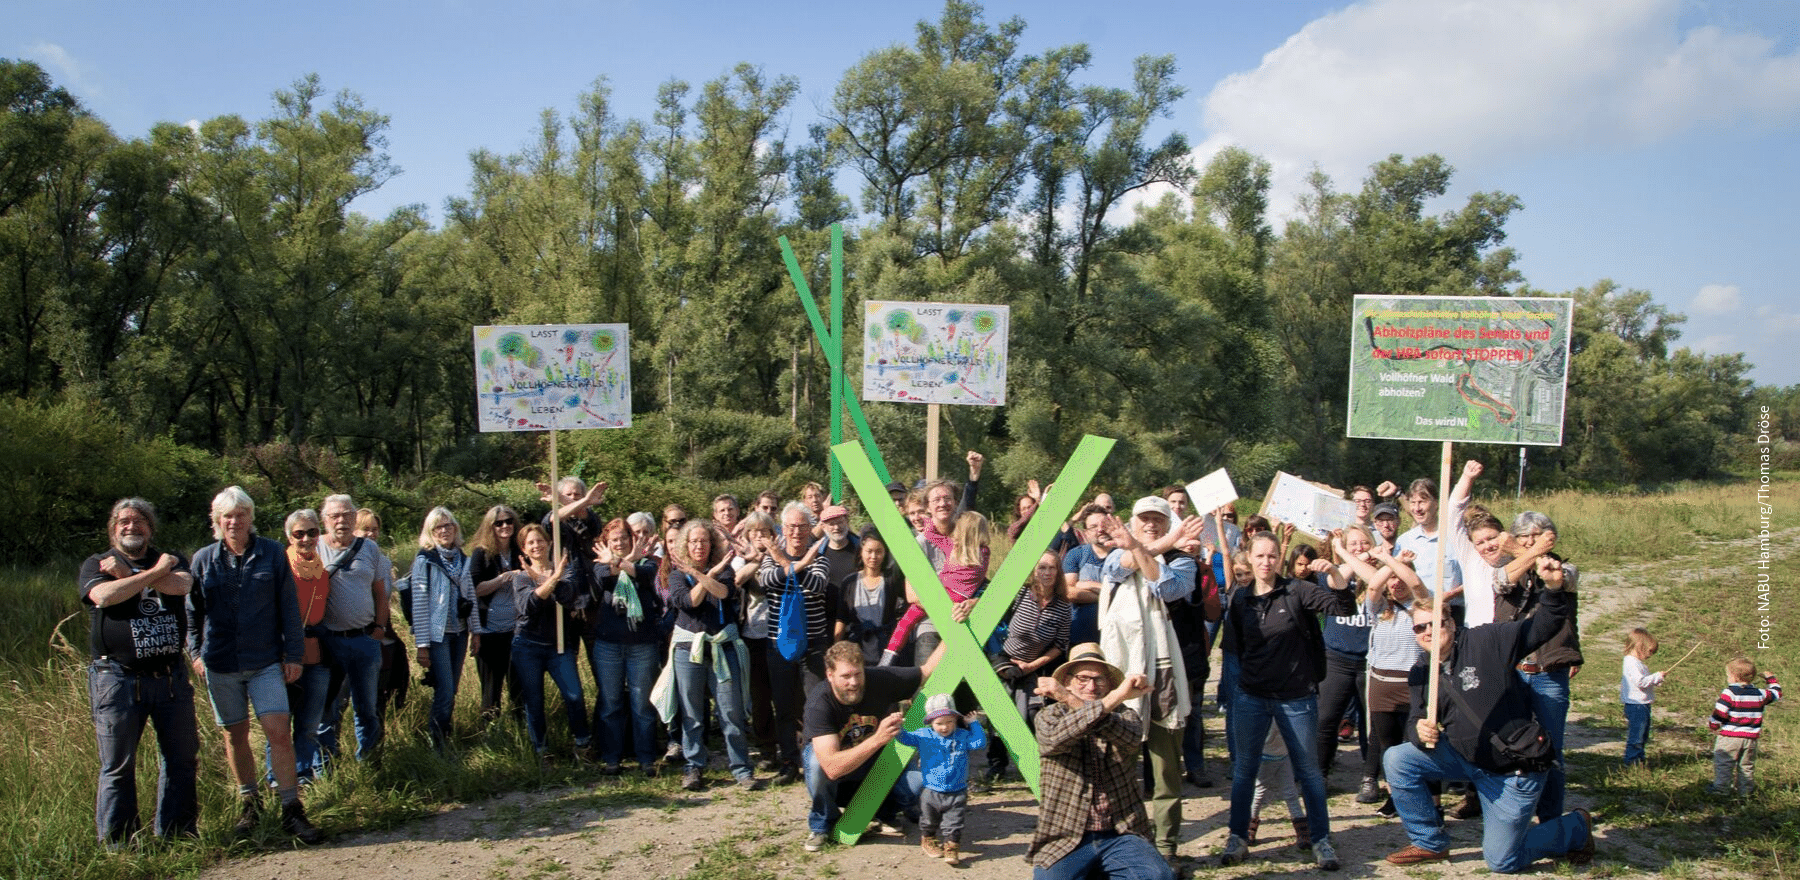 Protest gegen die Abholzung des Vollhöfner Waldes